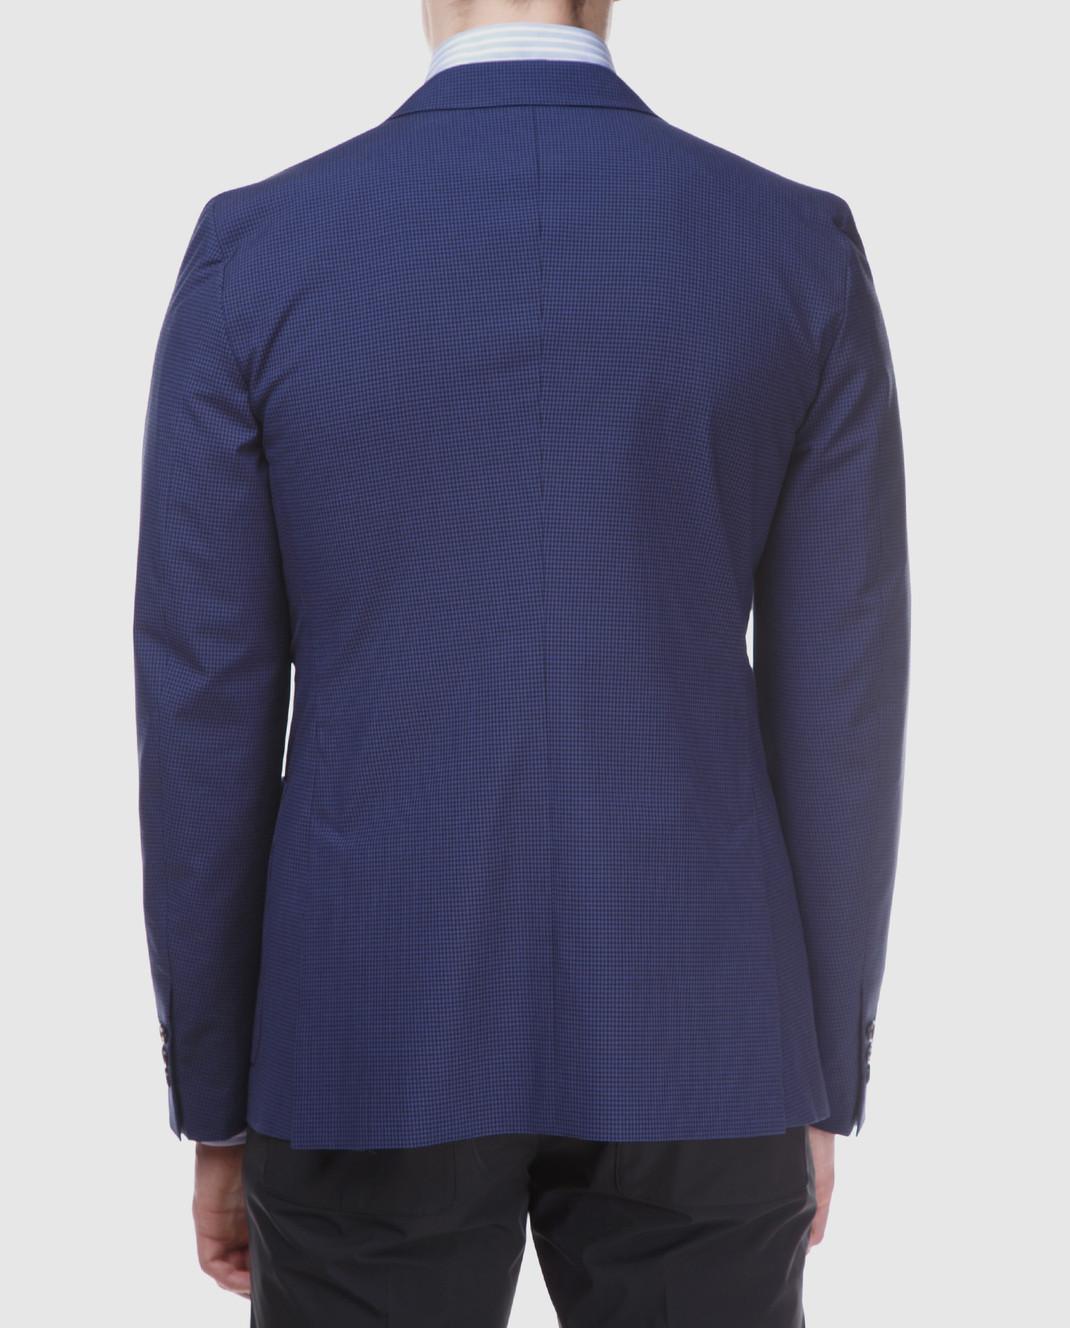 Prada Синий пиджак UGF003 изображение 4